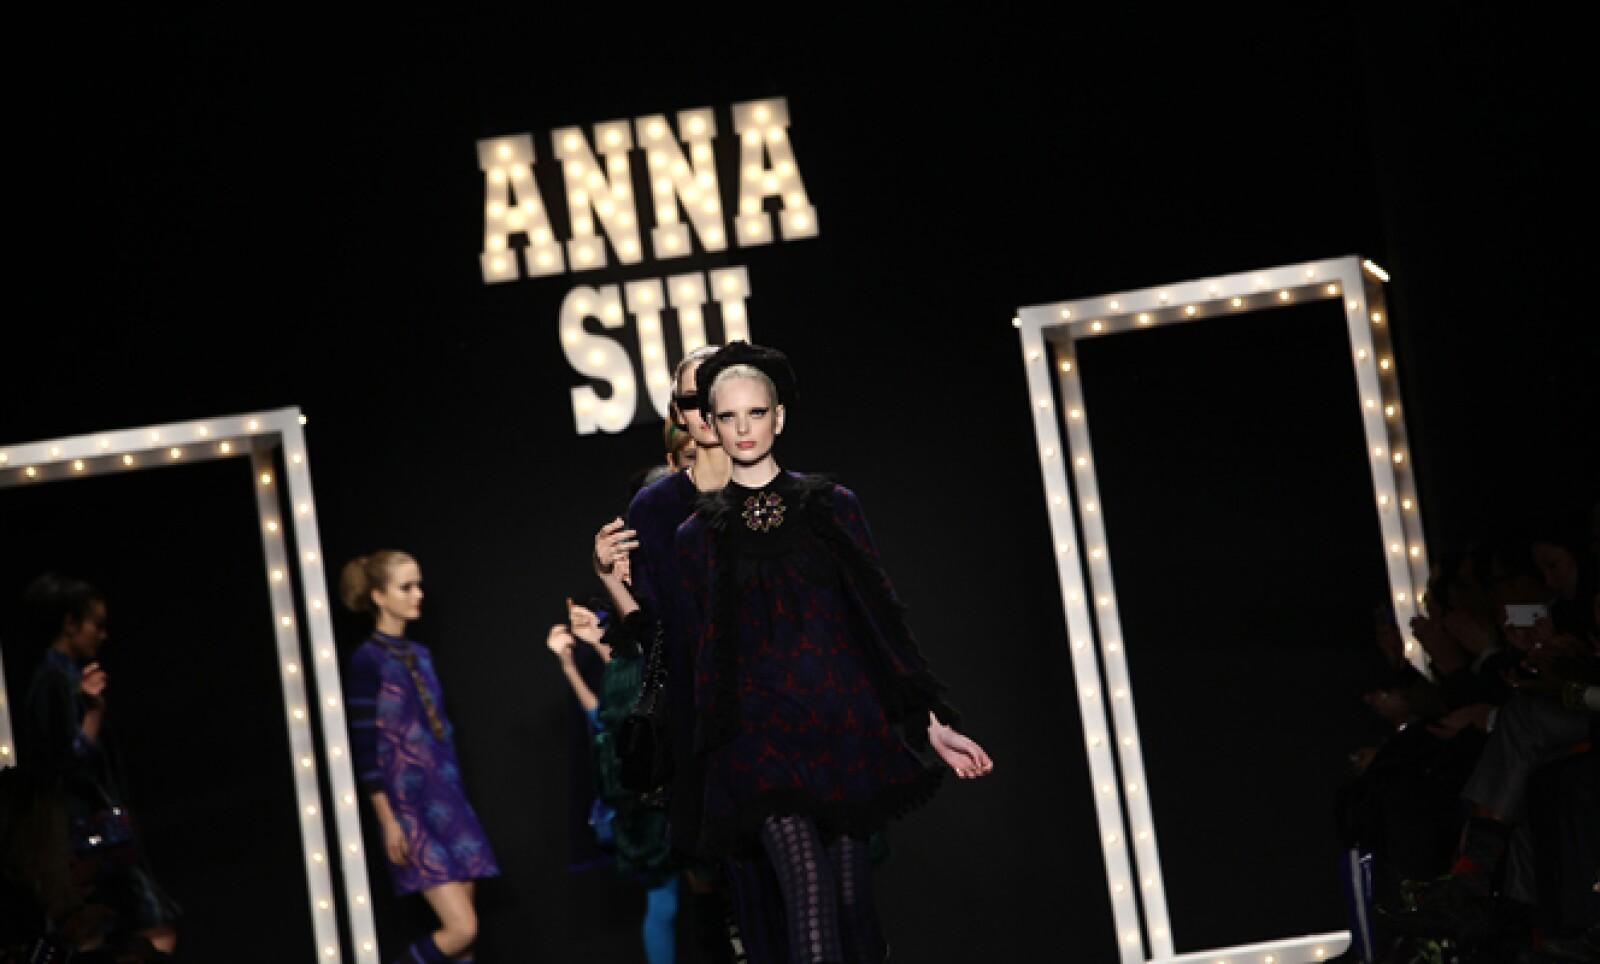 Modelos salen a la pasarela para mostrar las creaciones de la diseñadora estadounidense Anna Sui.